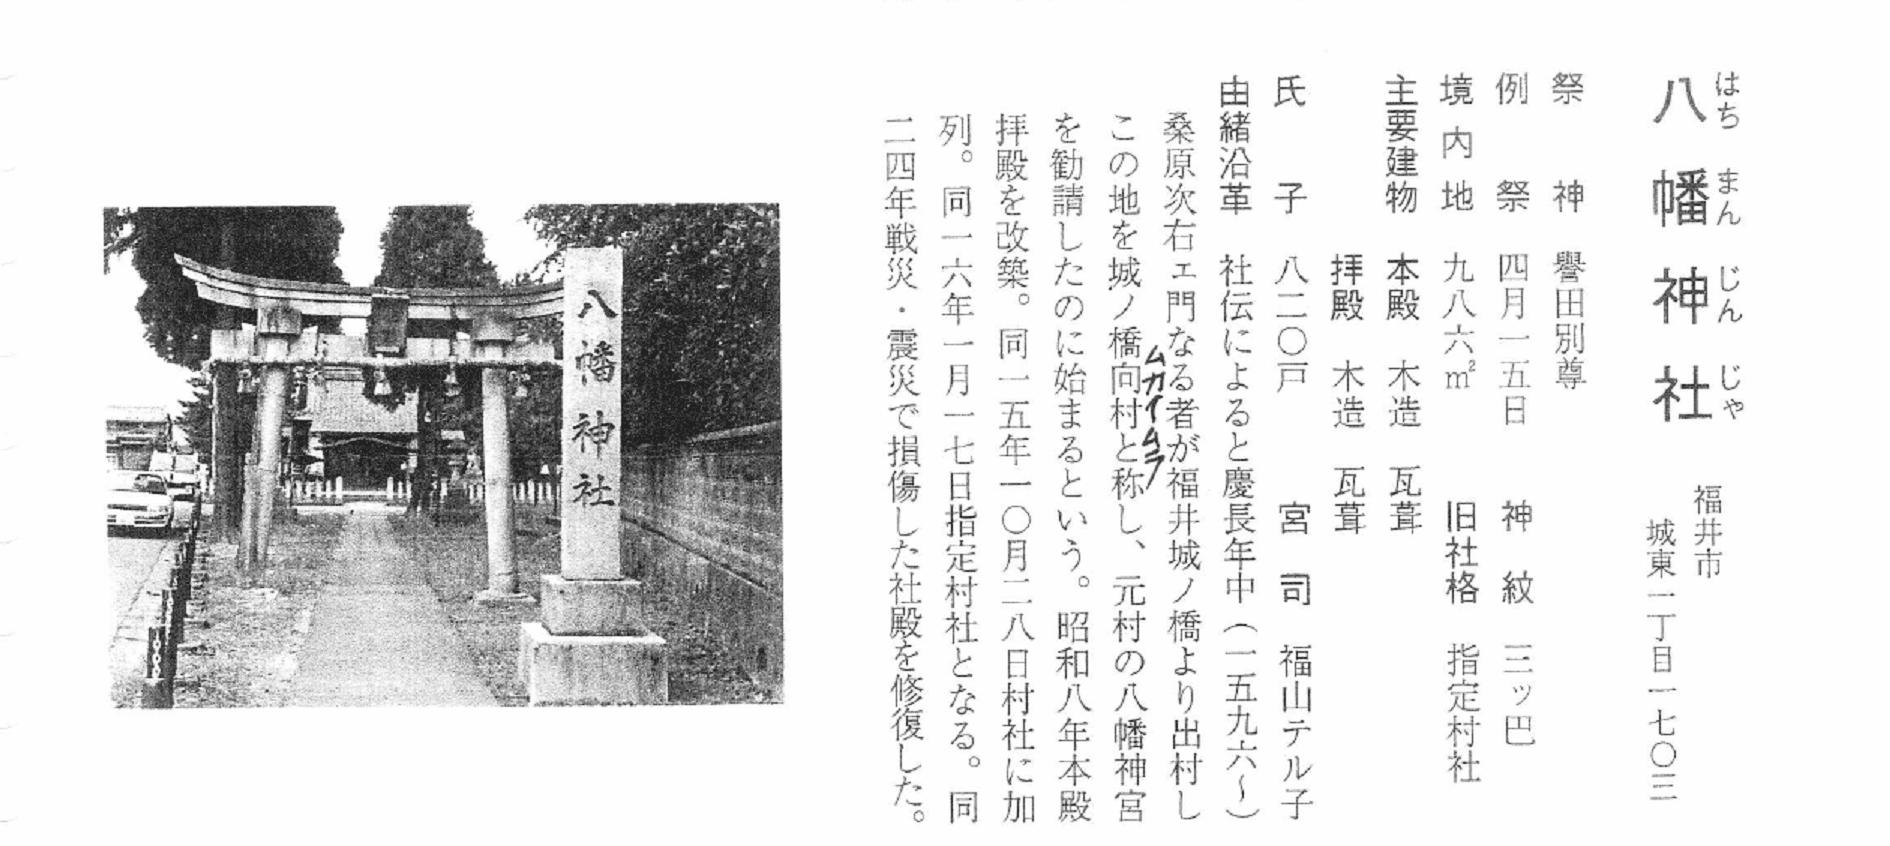 神社台帳の抜粋